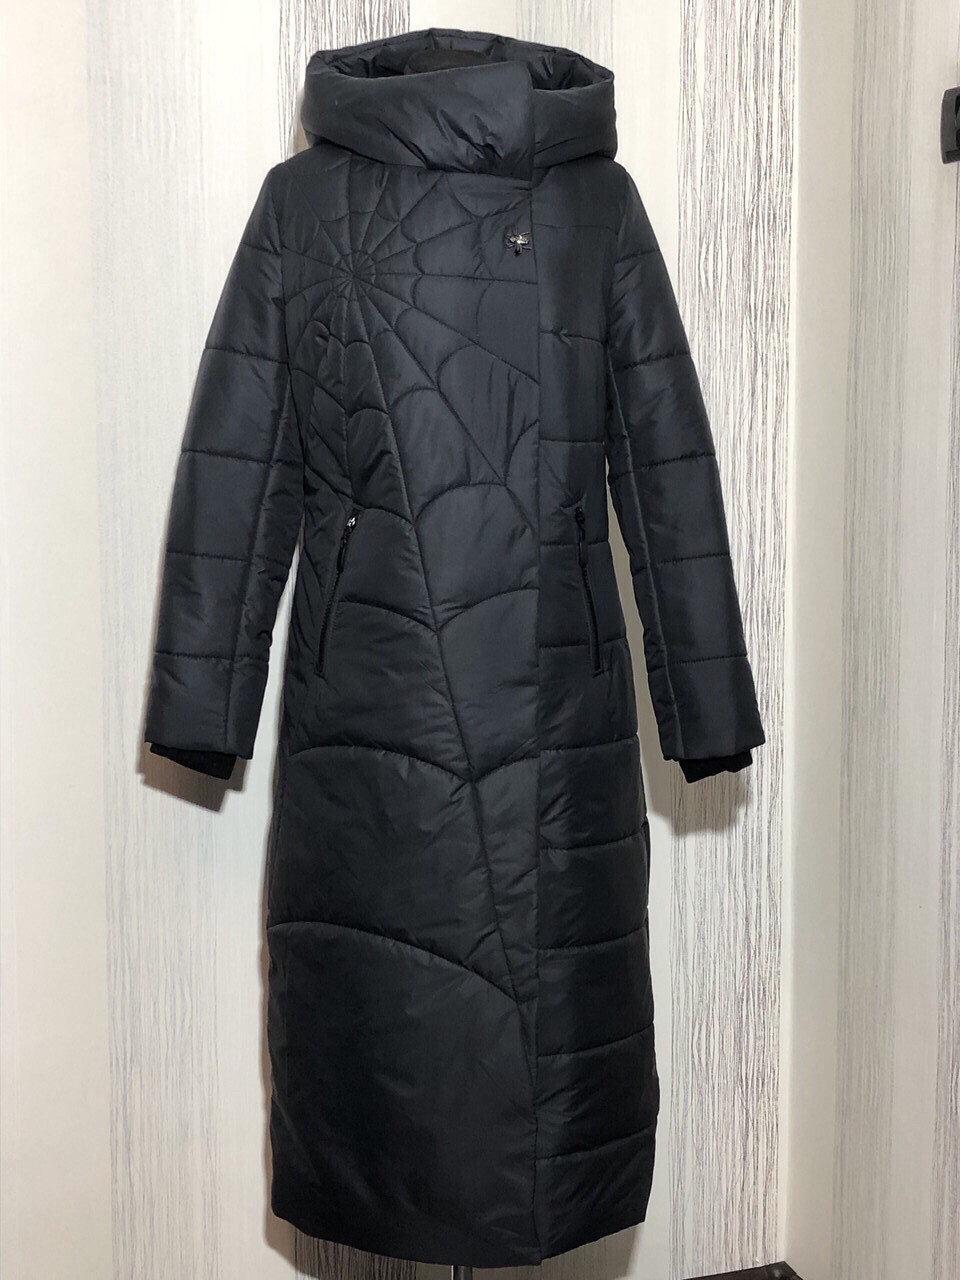 Женское демисезонное очень теплое плащевое пальто, размеры 44-50